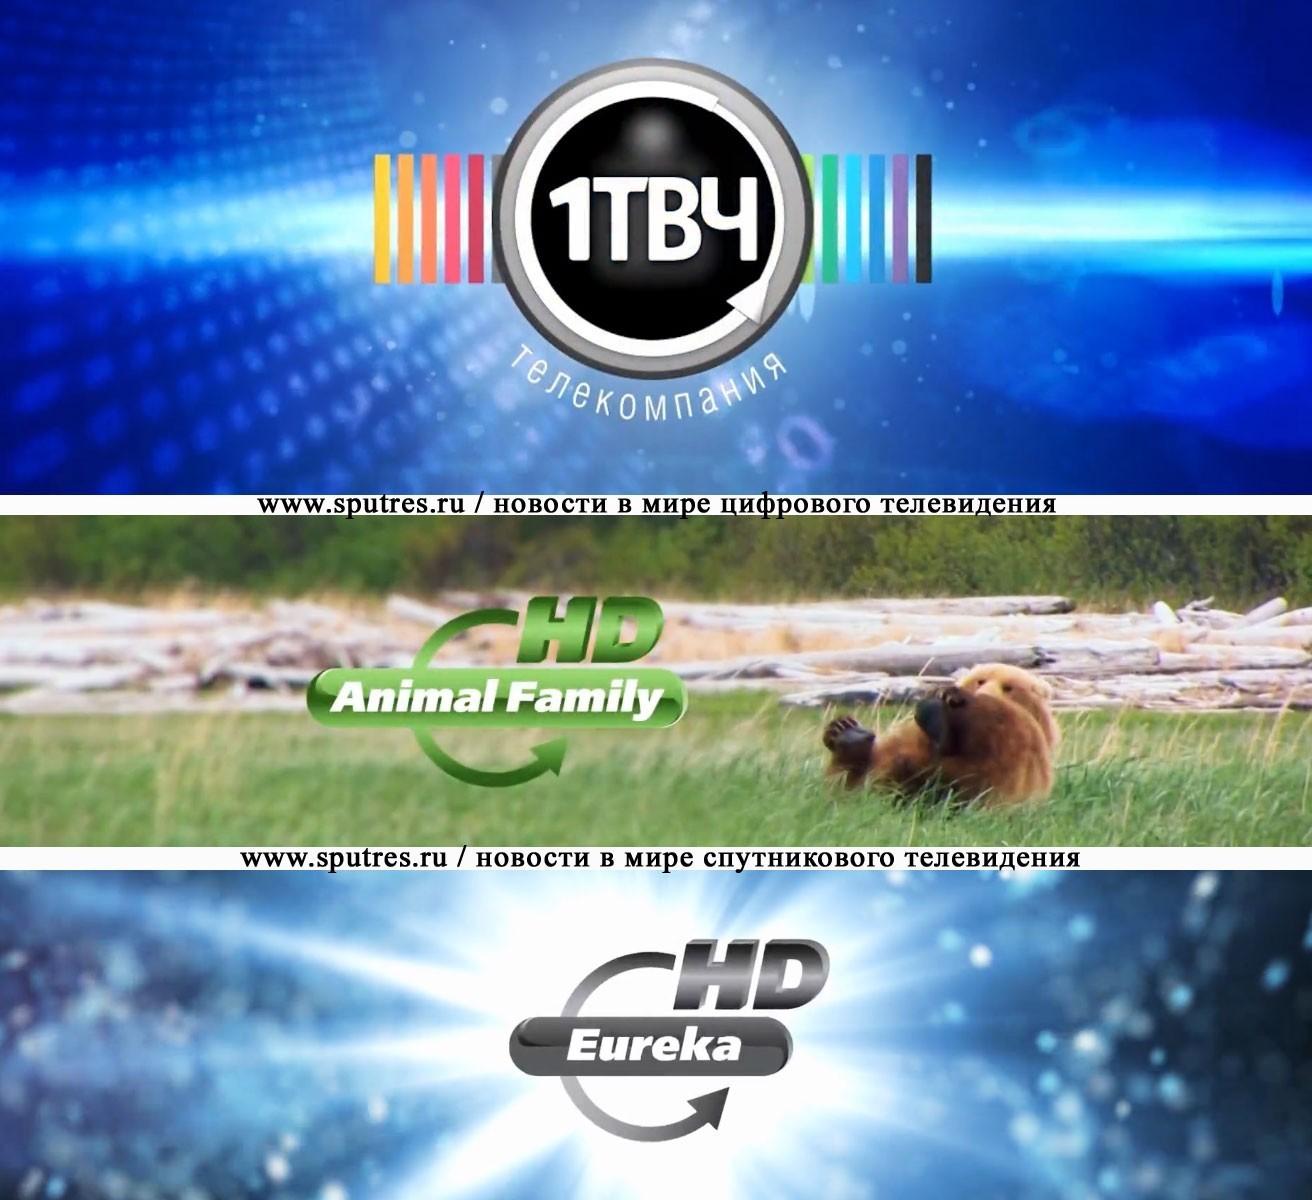 """Компания """"Первый ТВЧ"""" работает над созданием двух новых каналов в формате высокой четкости"""